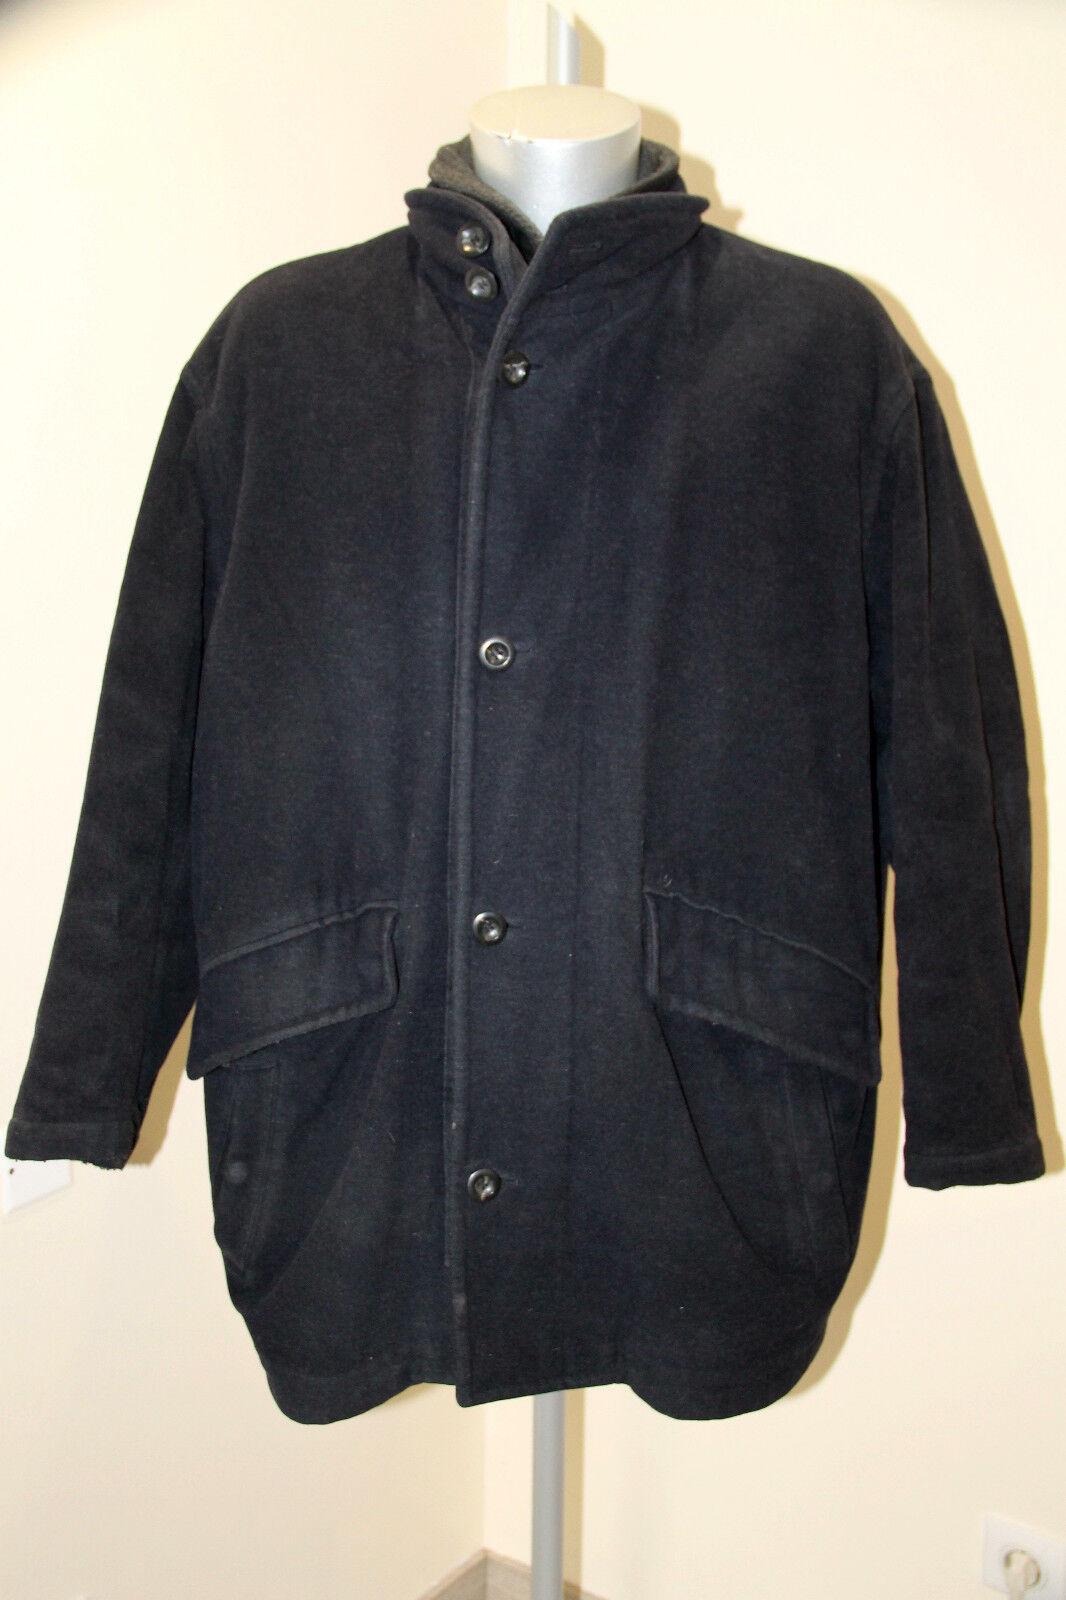 Luxueux manteau laine marine homme HUGO BOSS punga size 50